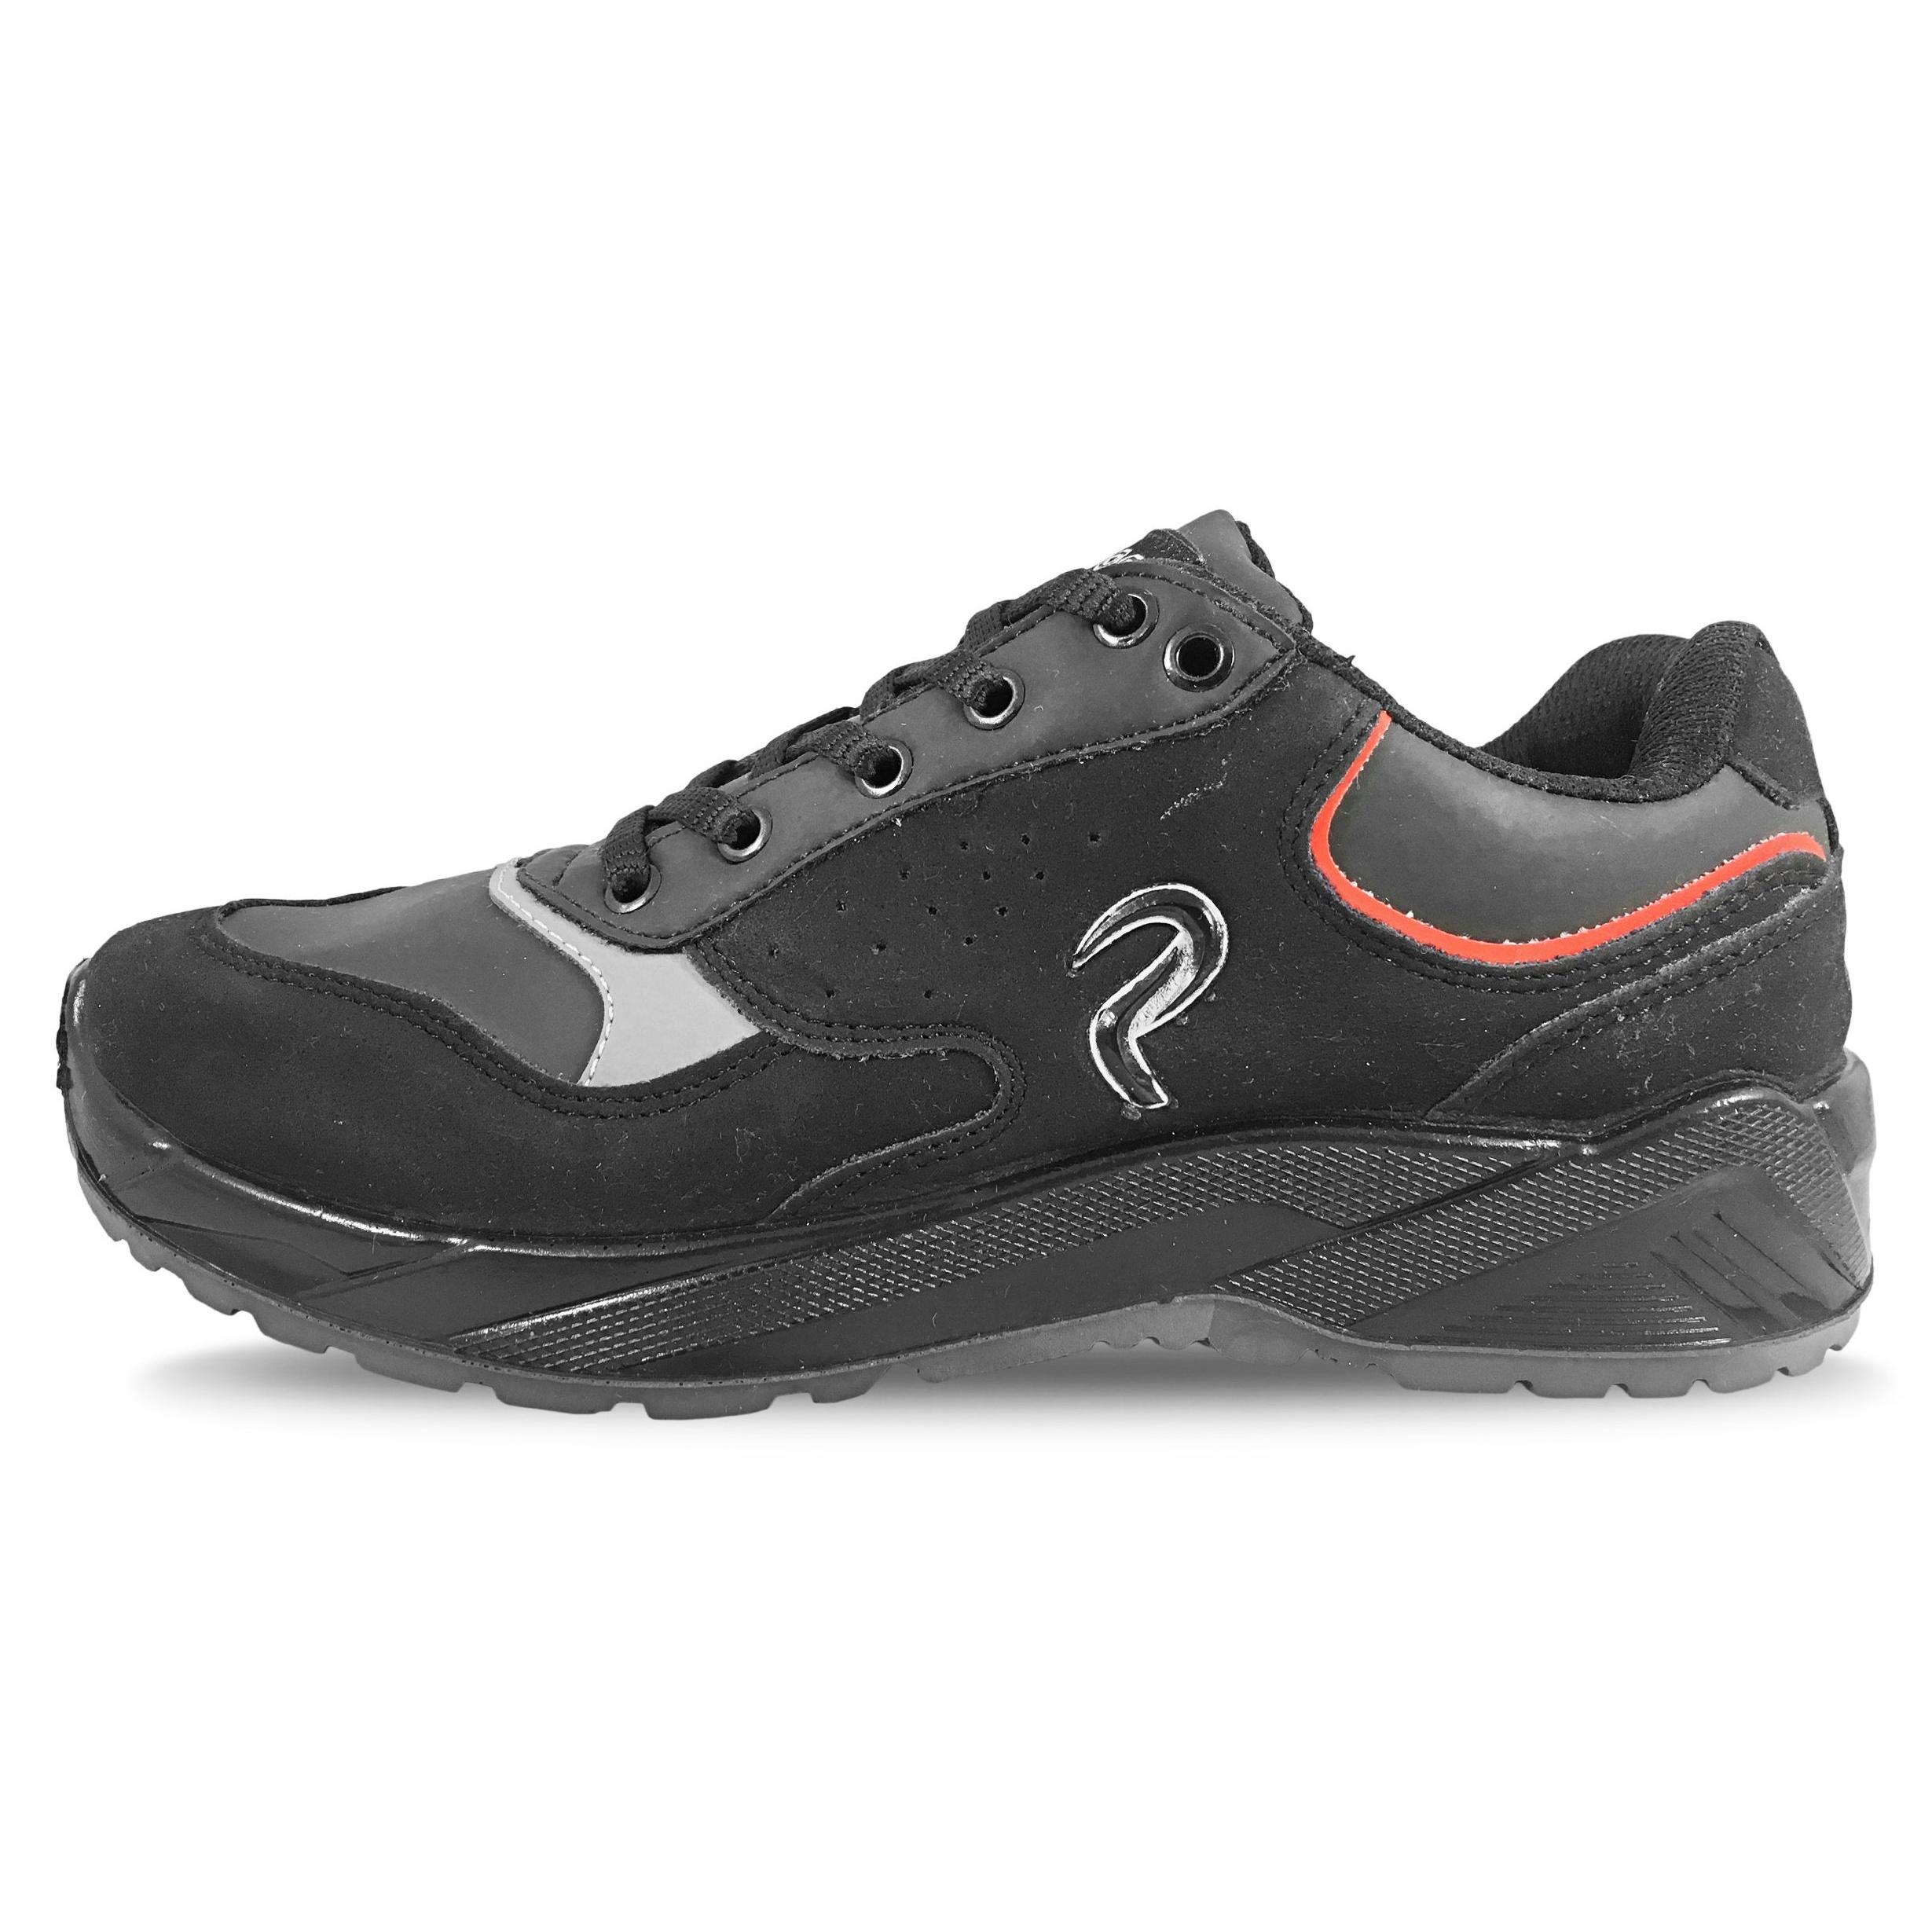 قیمت خرید کفش پیاده روی مردانه پادوکا مدل اسلوبی کد 3994 اورجینال